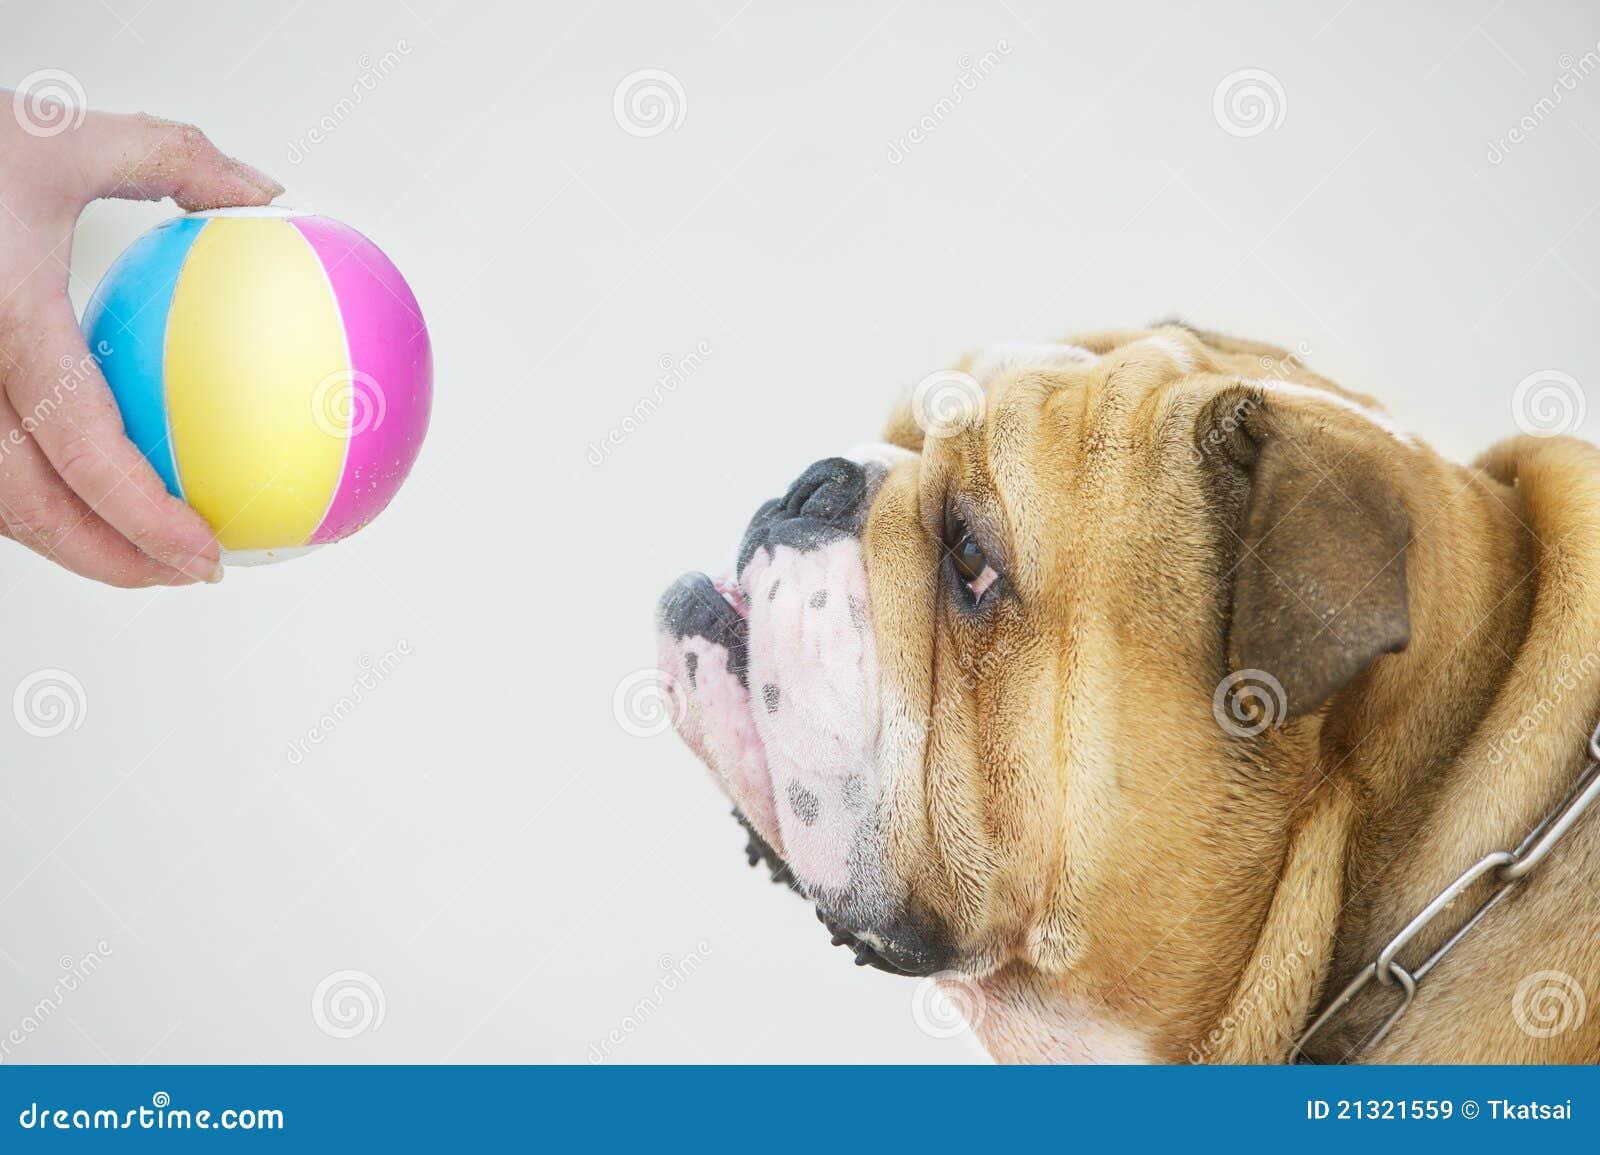 Canine Unlimited Dog Training